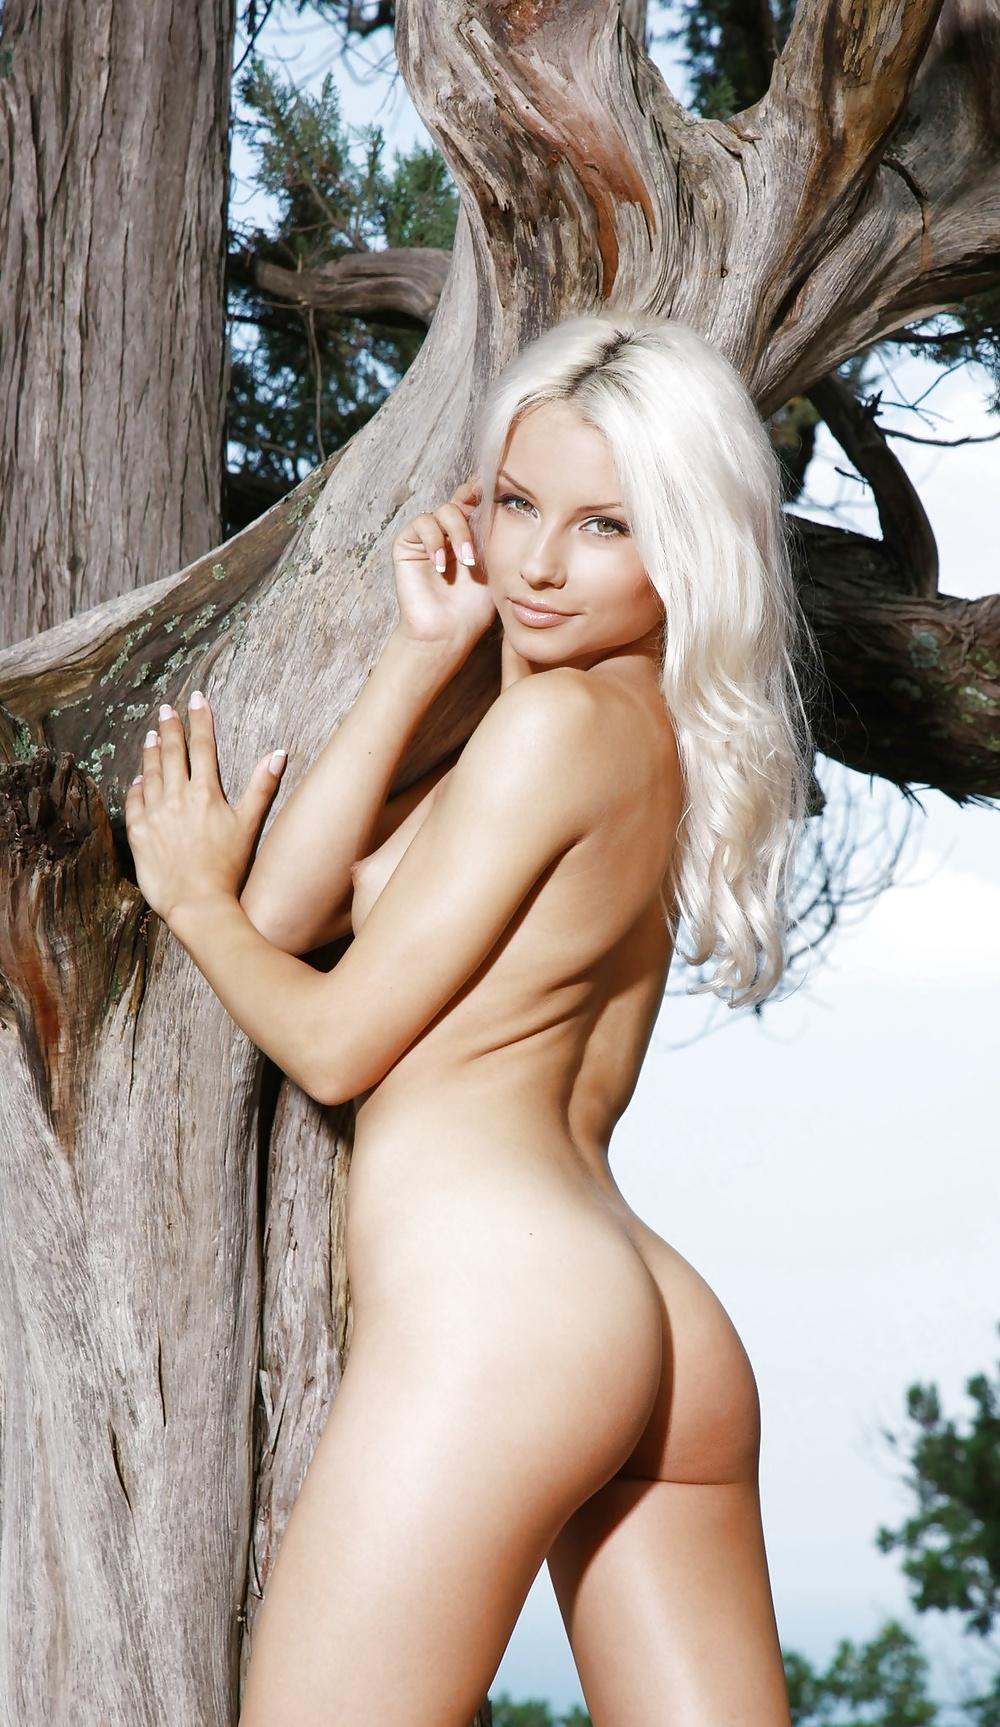 Die blonde Muschi porsiert keine Kleidung.